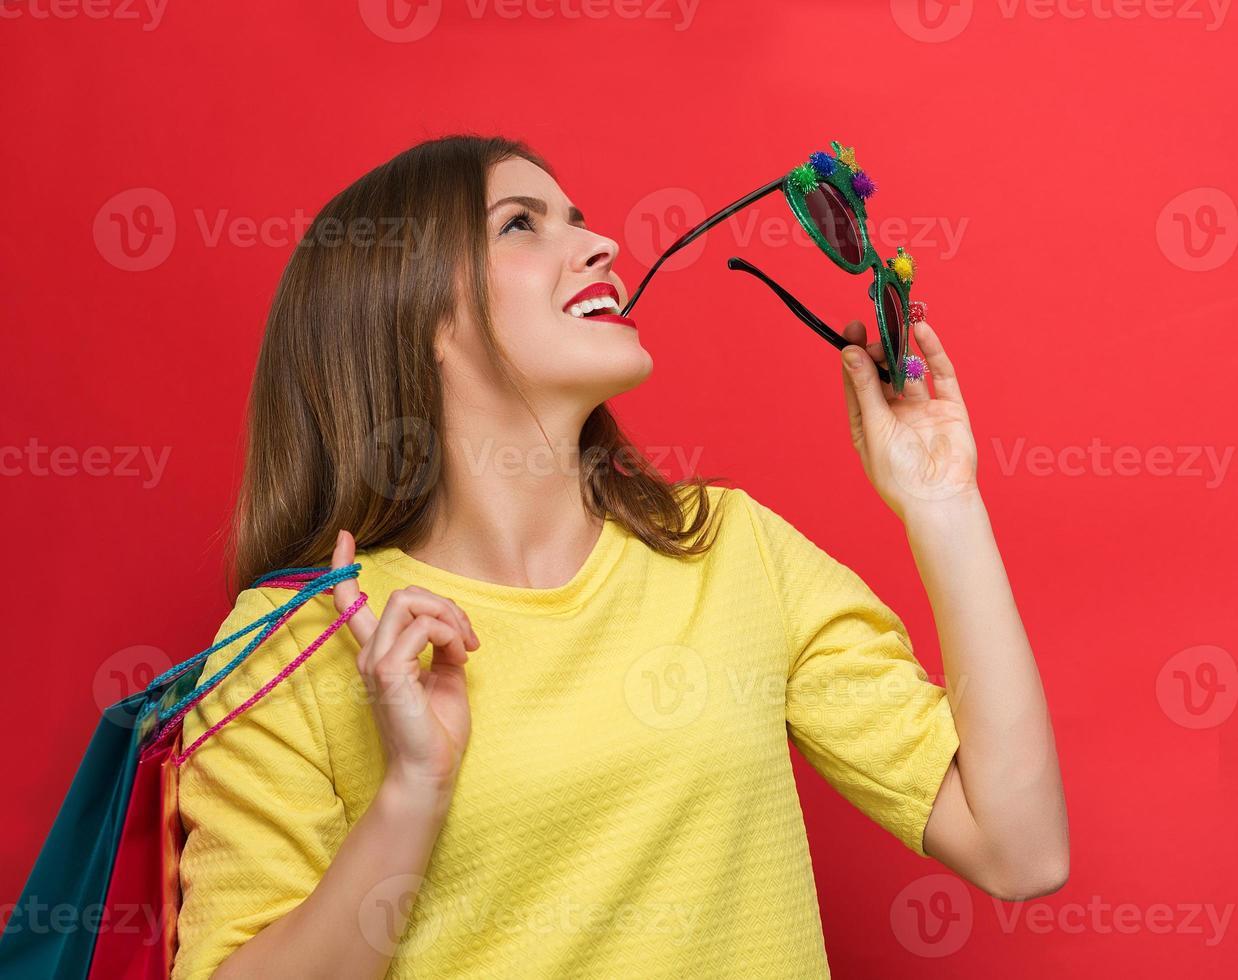 Frau mit Weihnachtsfeiergläsern und Einkaufstüten foto